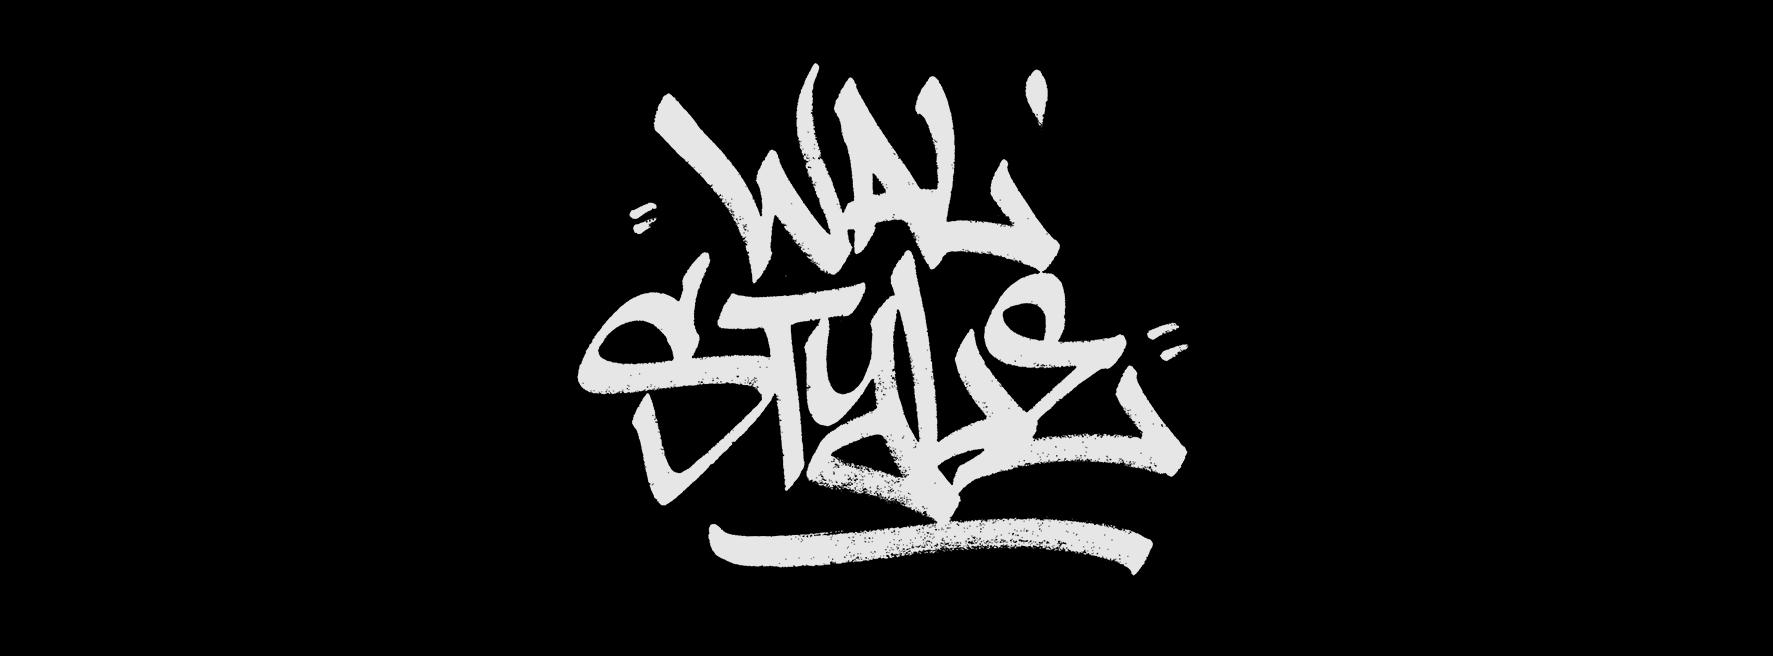 Wal style